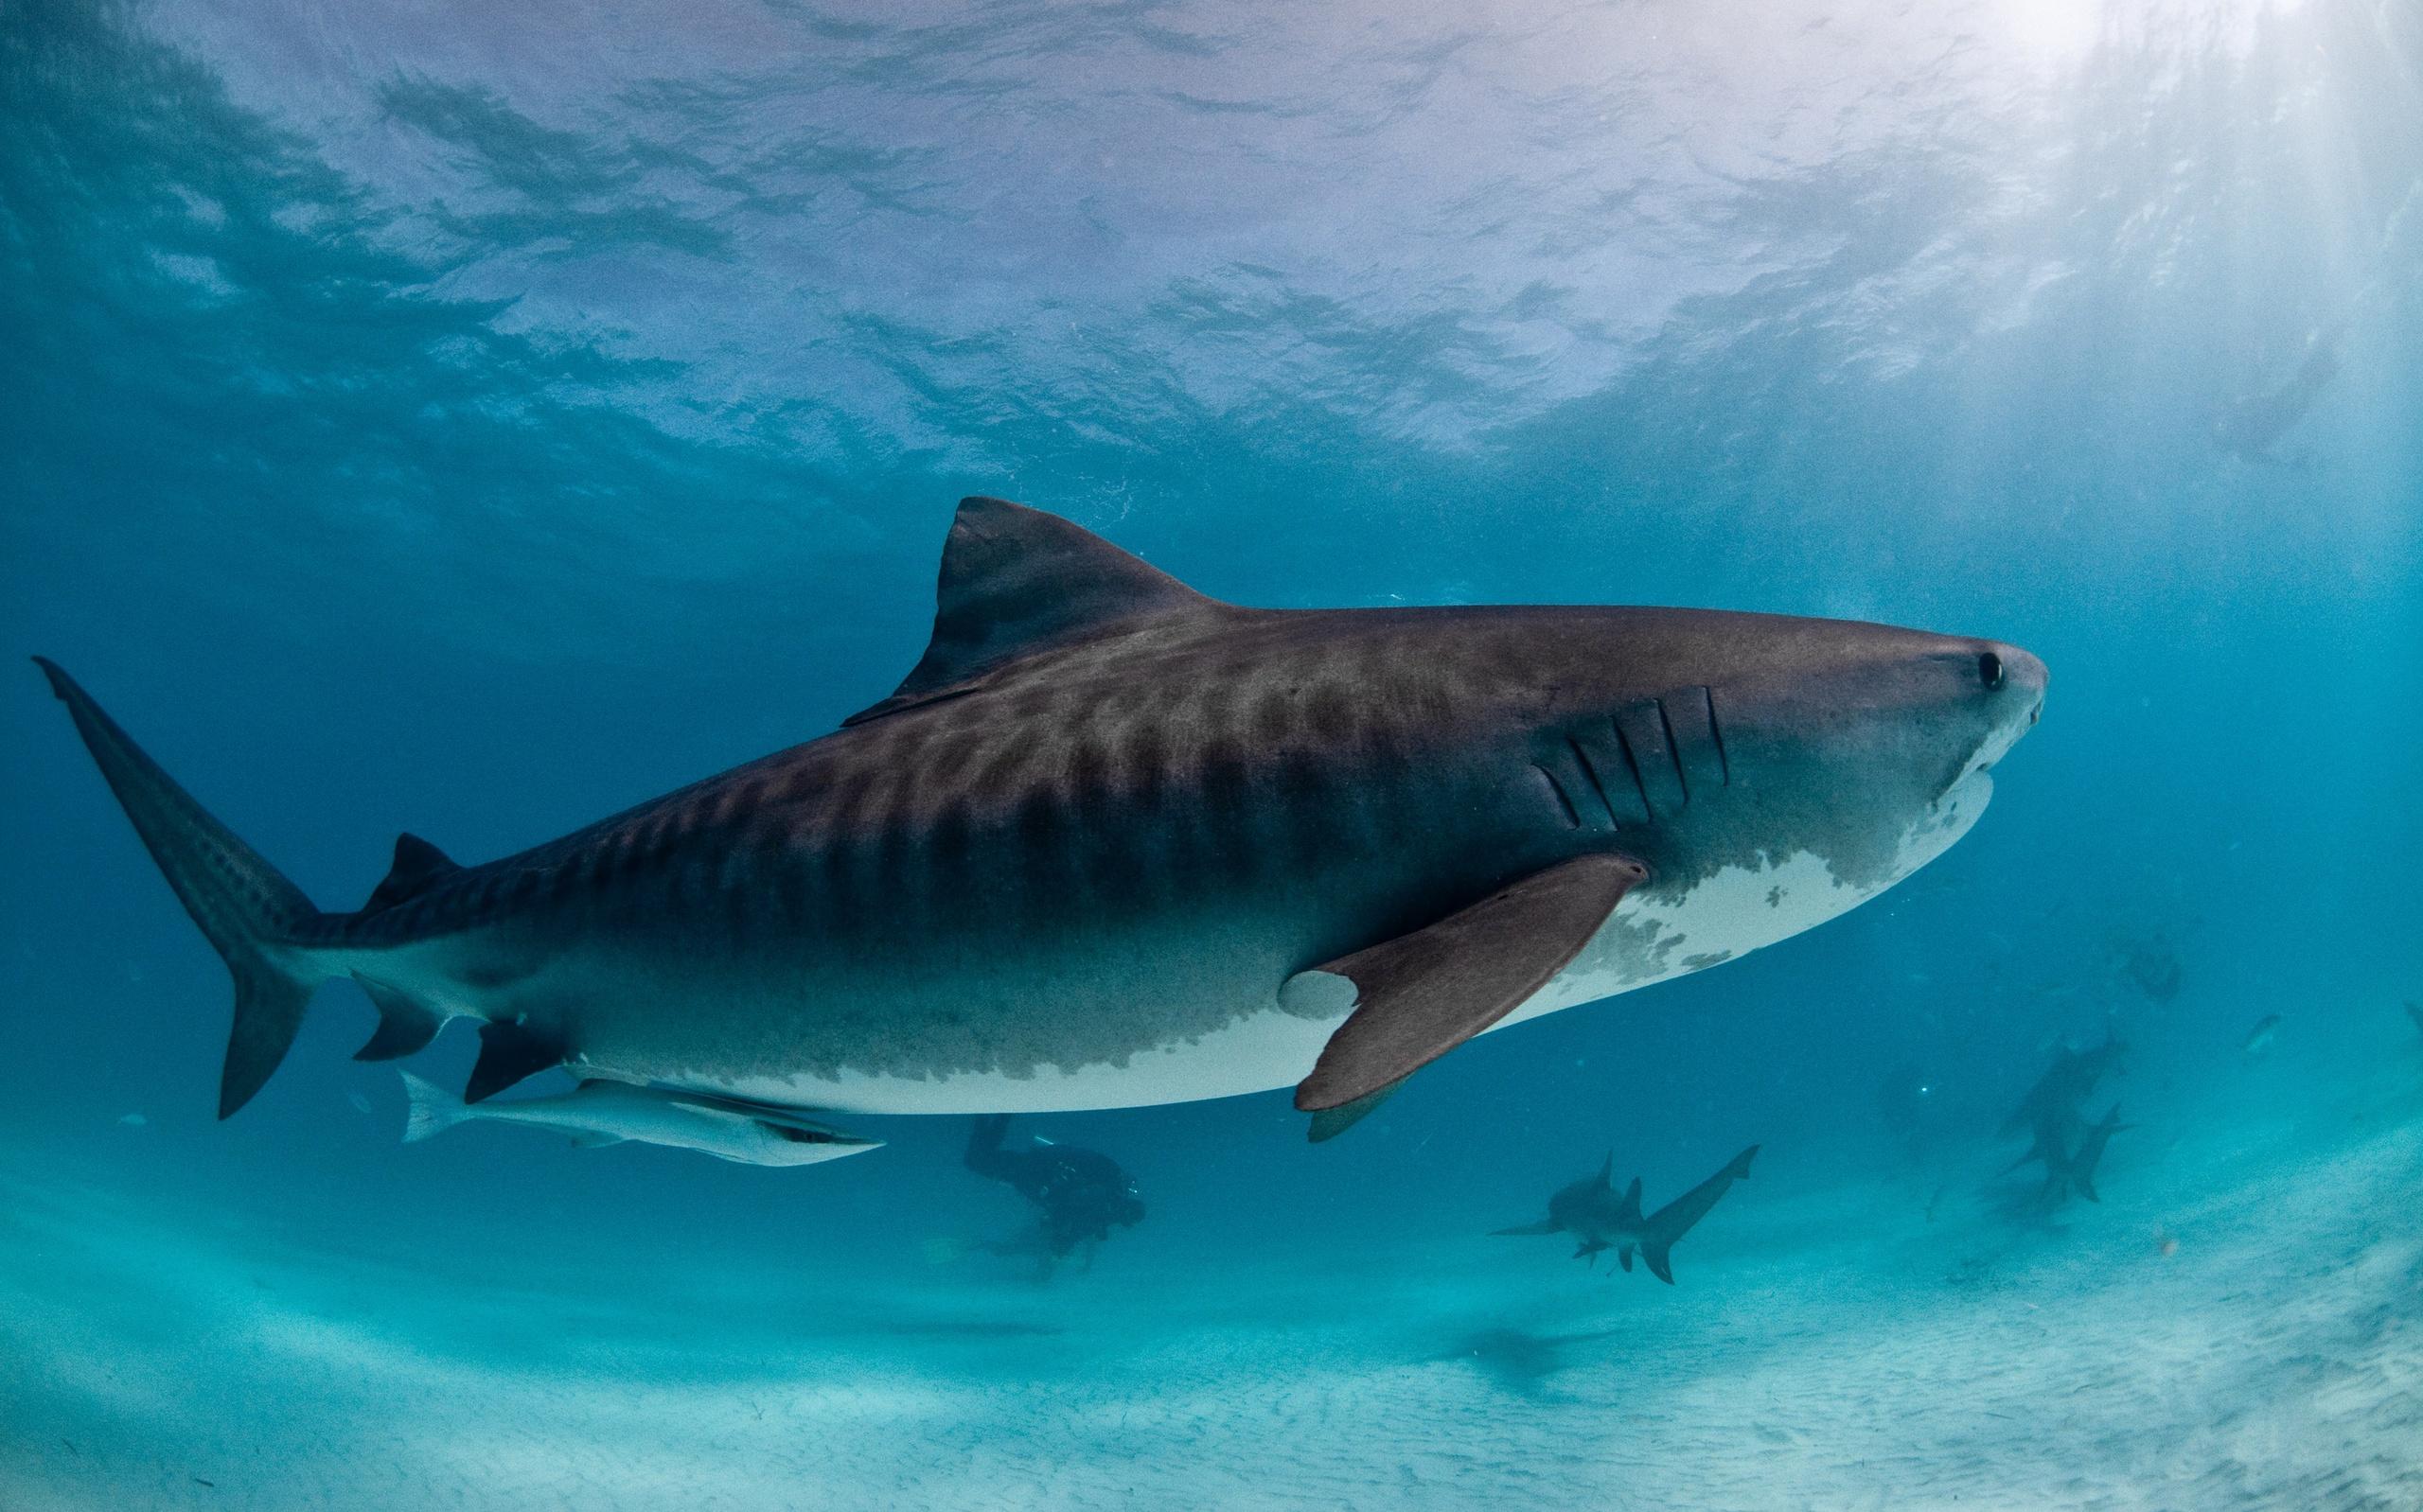 лучшие картинки акул свои годы может